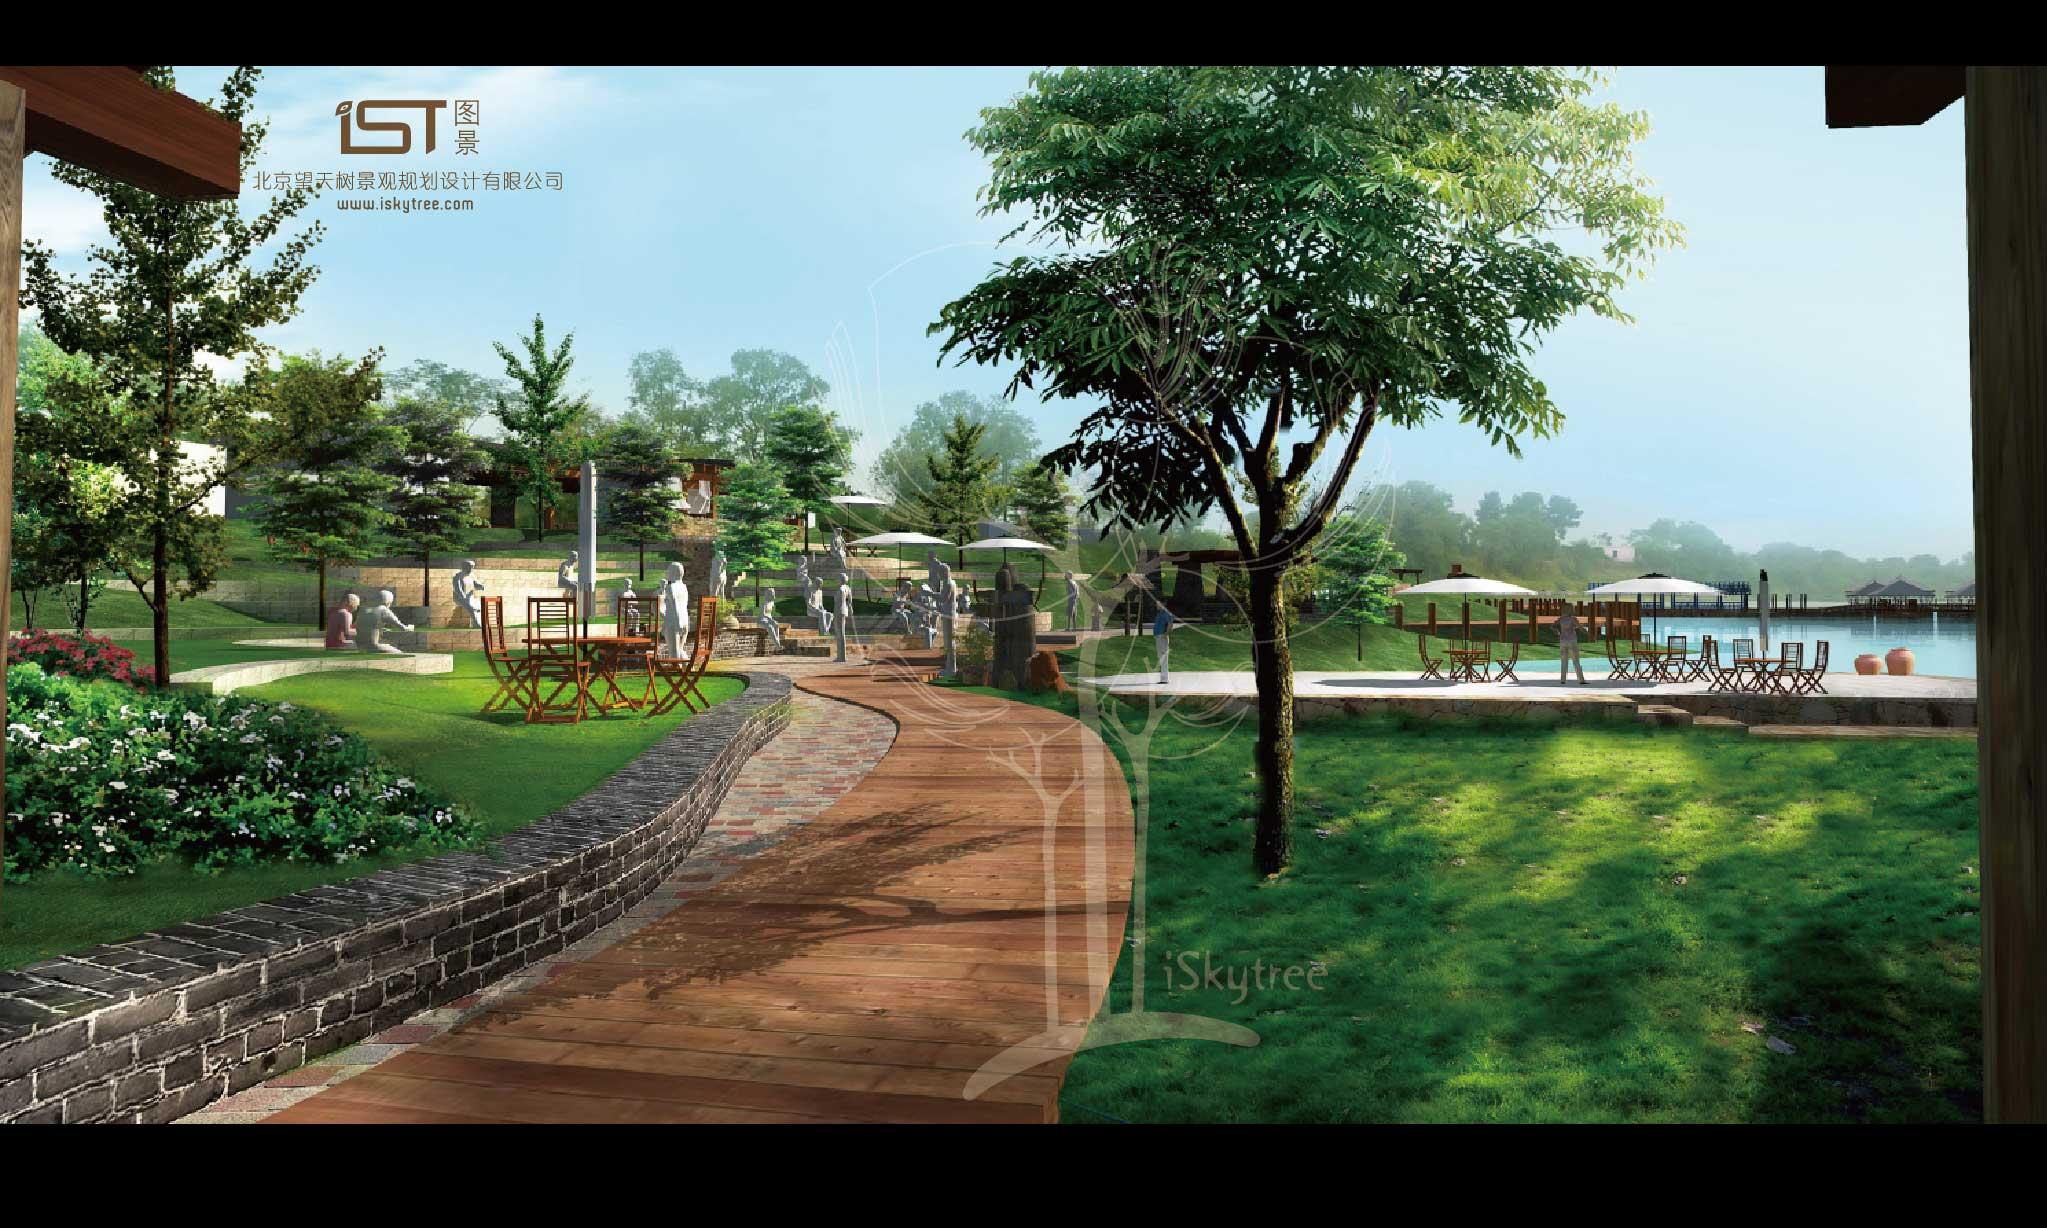 永新县滨江主题公园及中心景观带景观设计